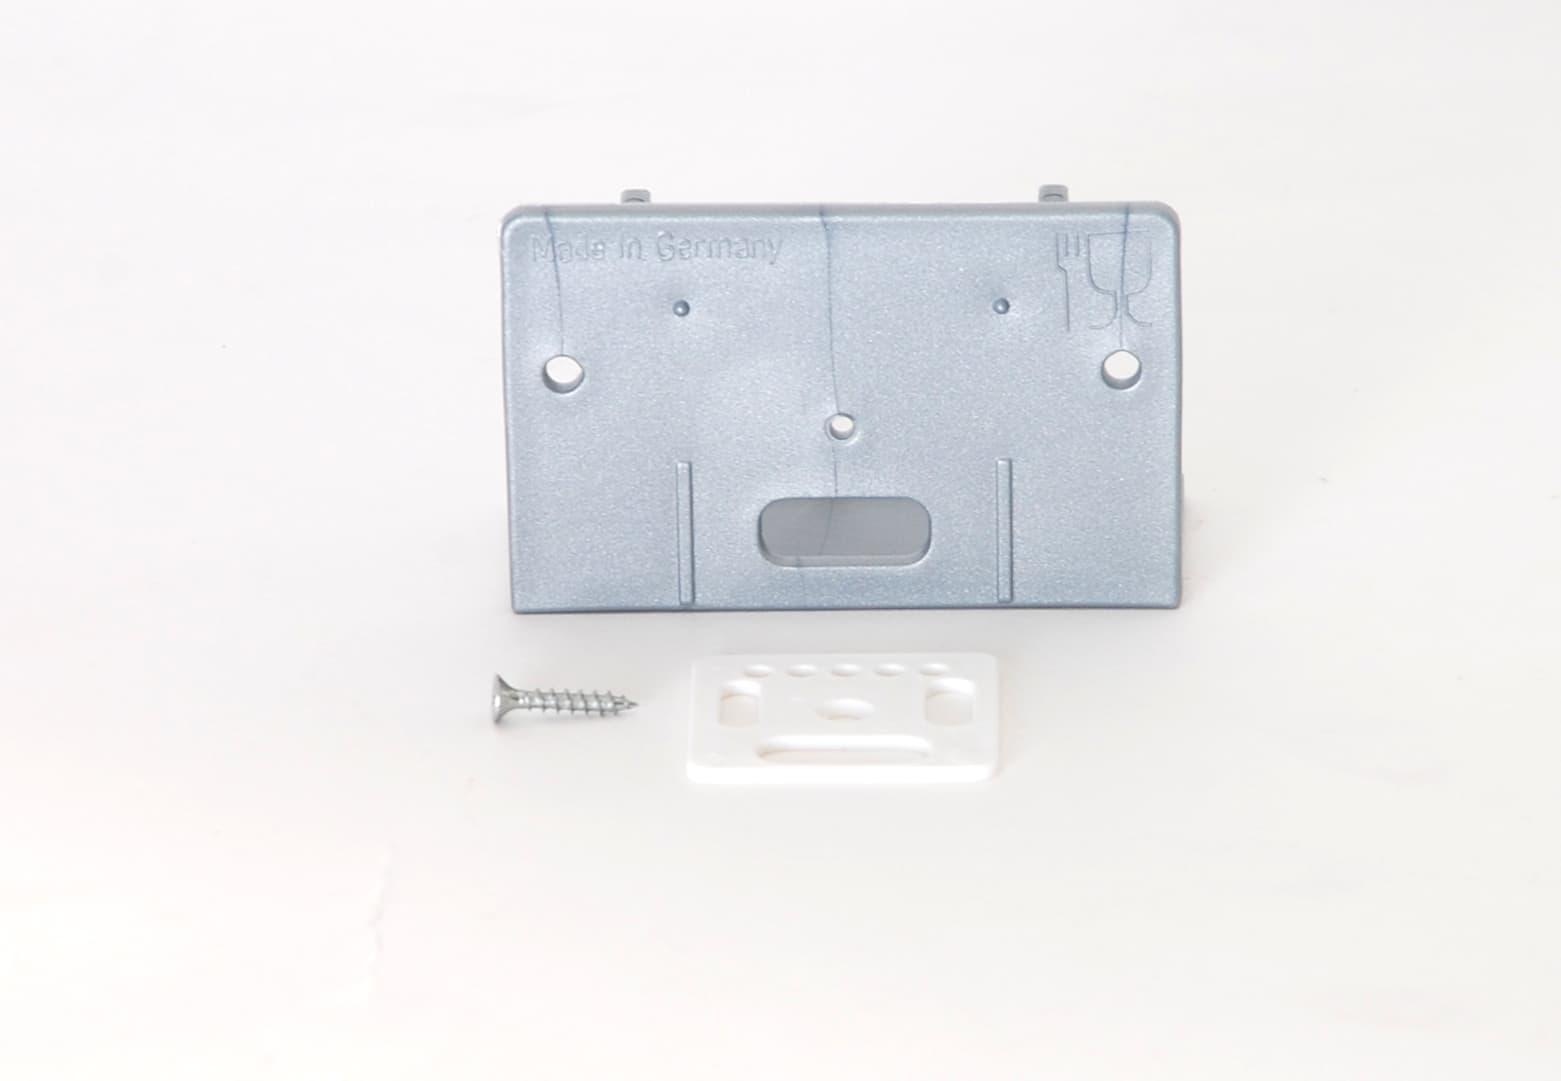 Mini Plus Fluglochdrohnensperre, zweiteilig grauer Grundkörper mit rechteckiger Drehscheibe BLAU